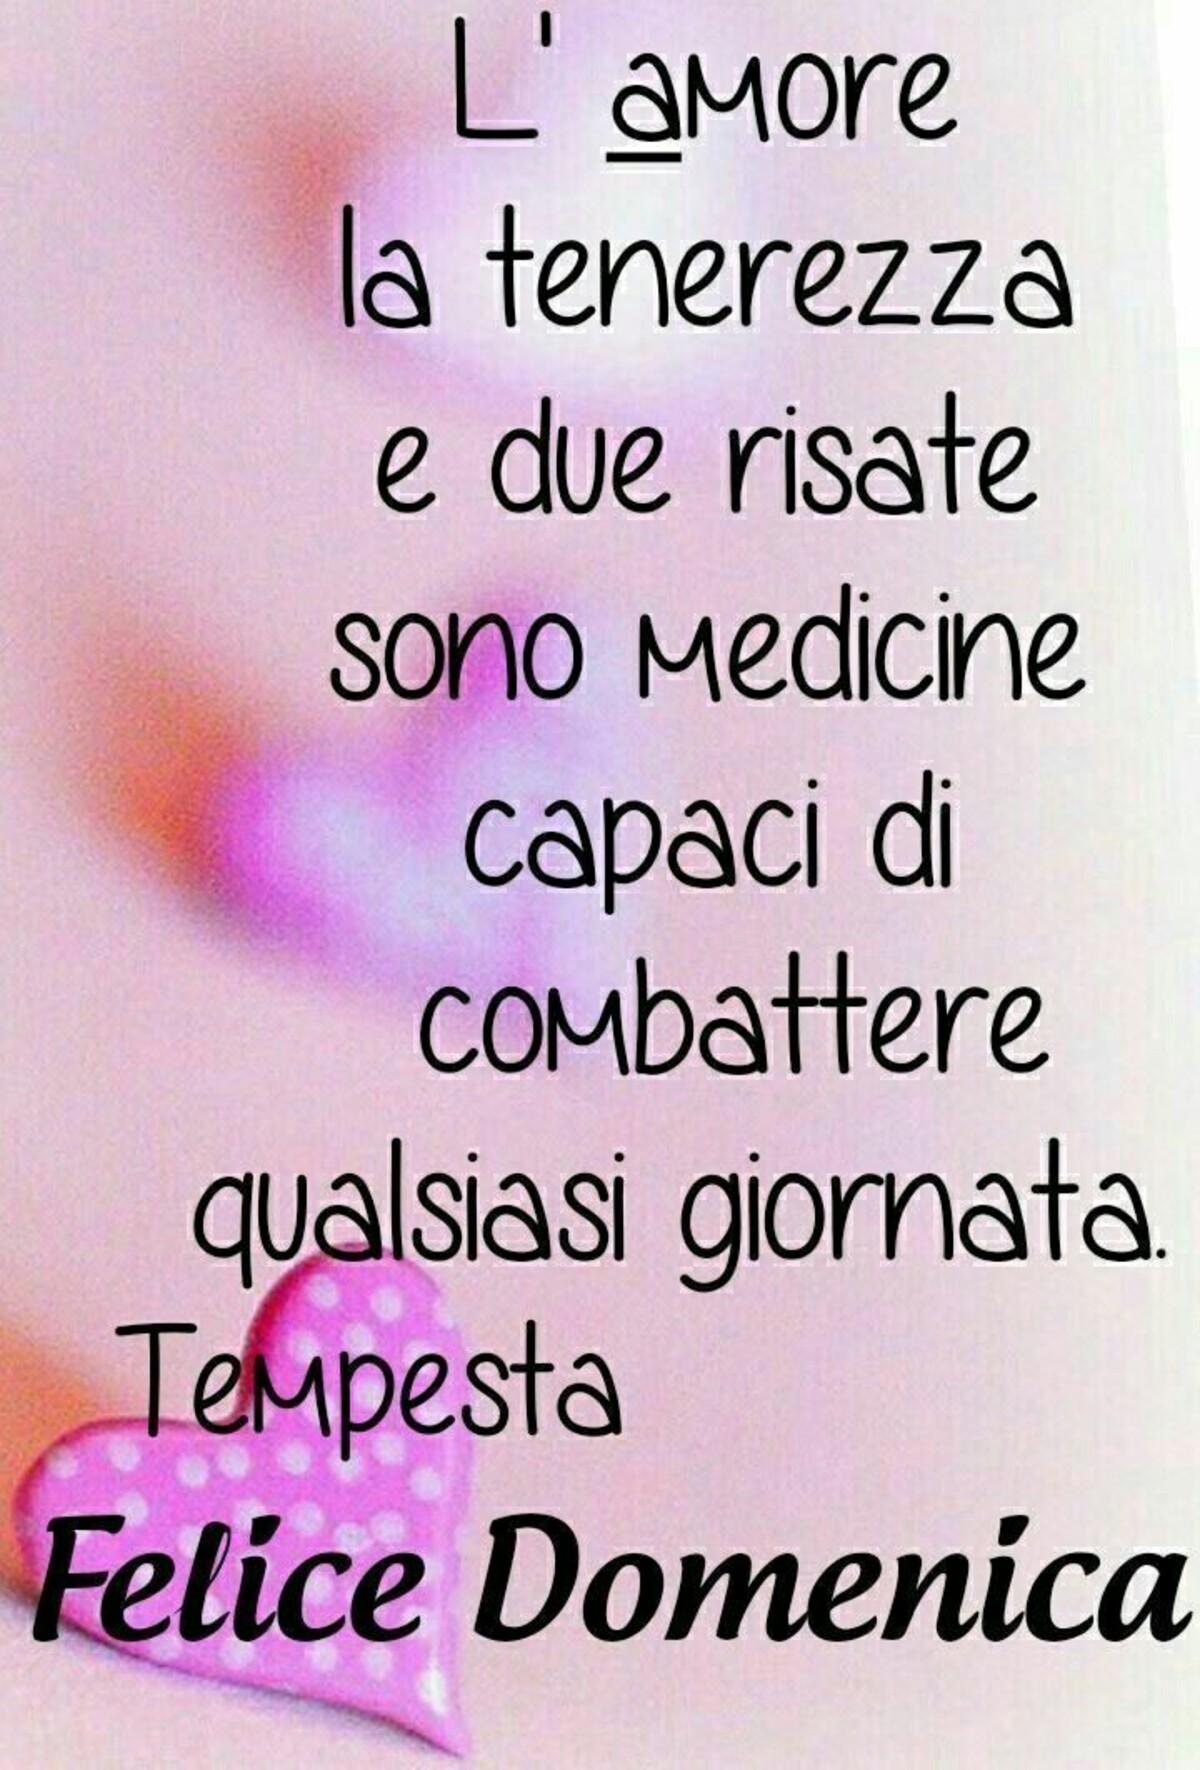 L'amore la tenerezza e due risate sono medicine capaci di combattere qualsiasi giornata. Felice Domenica